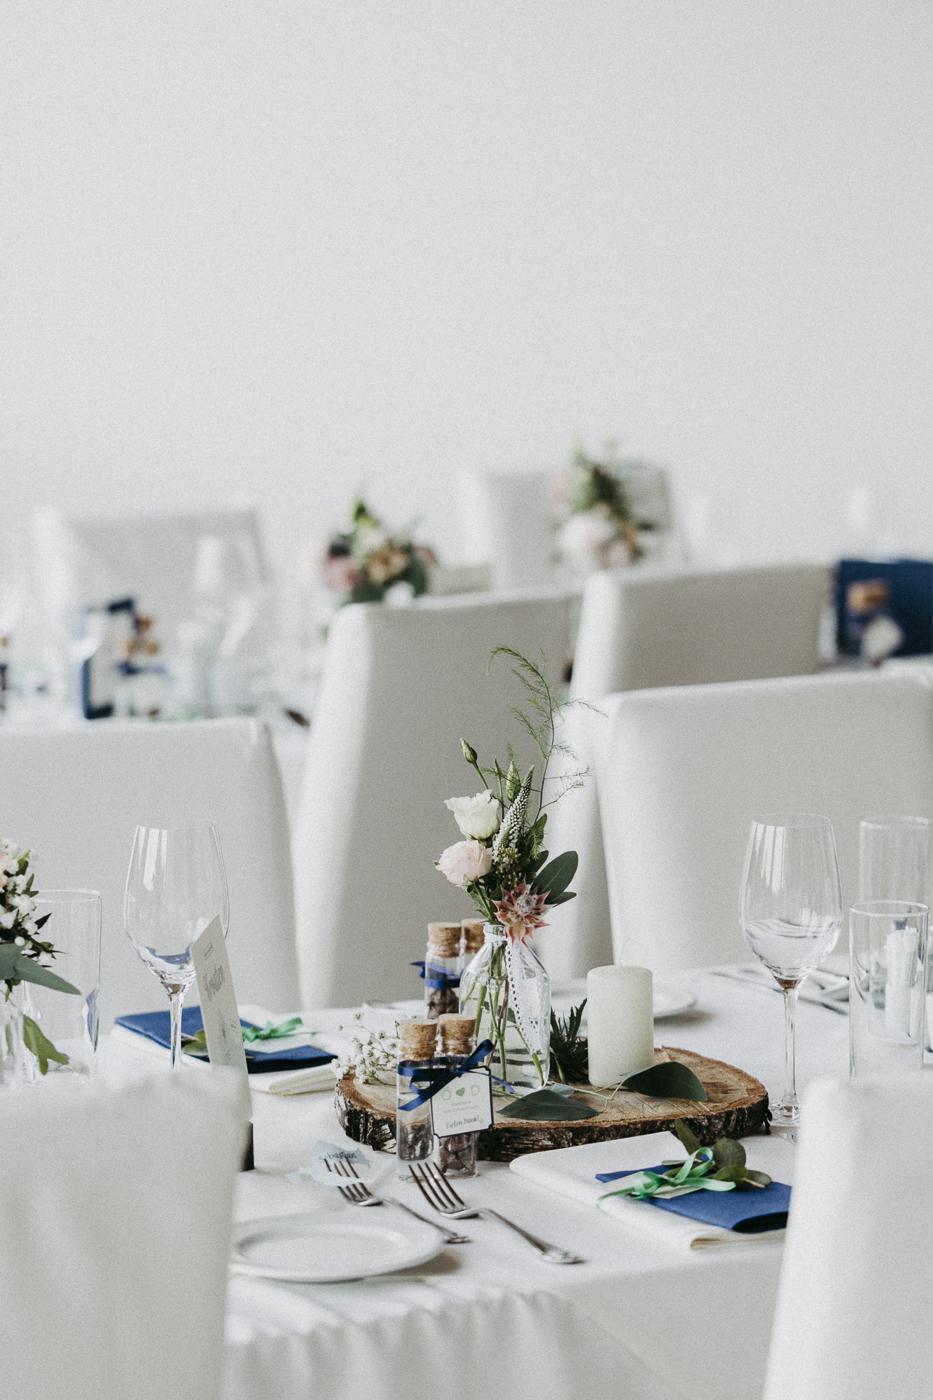 rosemarrylemon_ND_Hochzeit_Tischdeko3.jpg